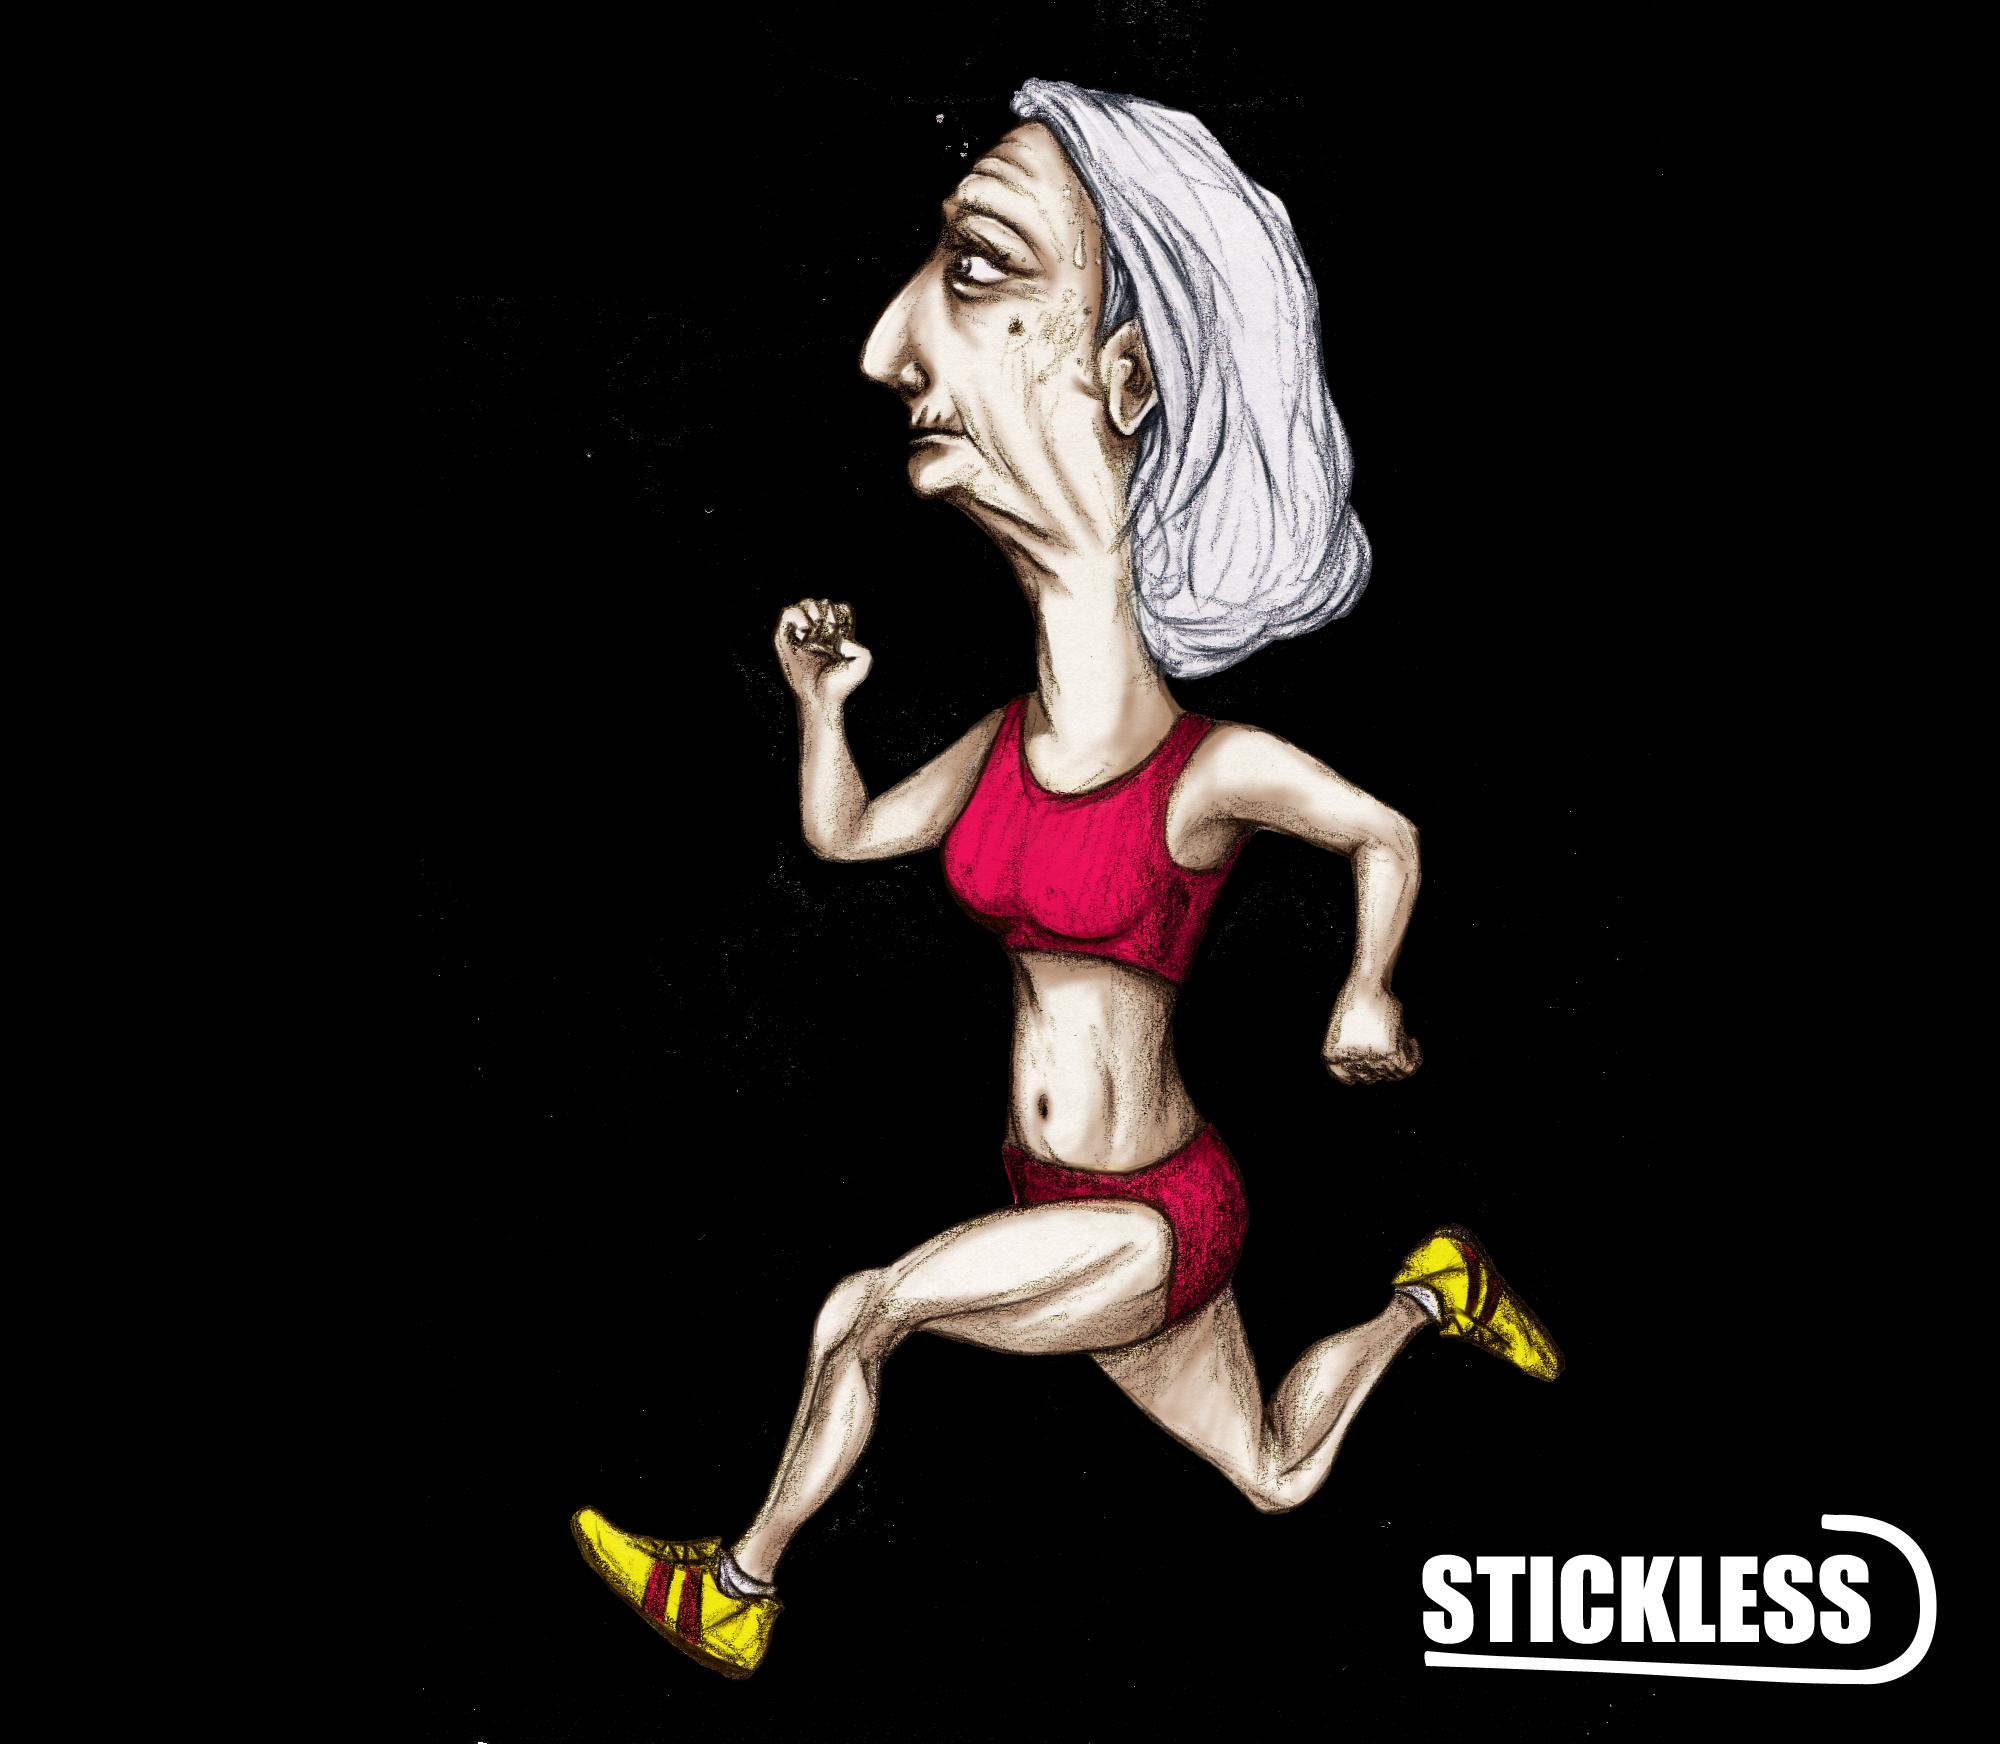 Stickless - Julien Decaudin